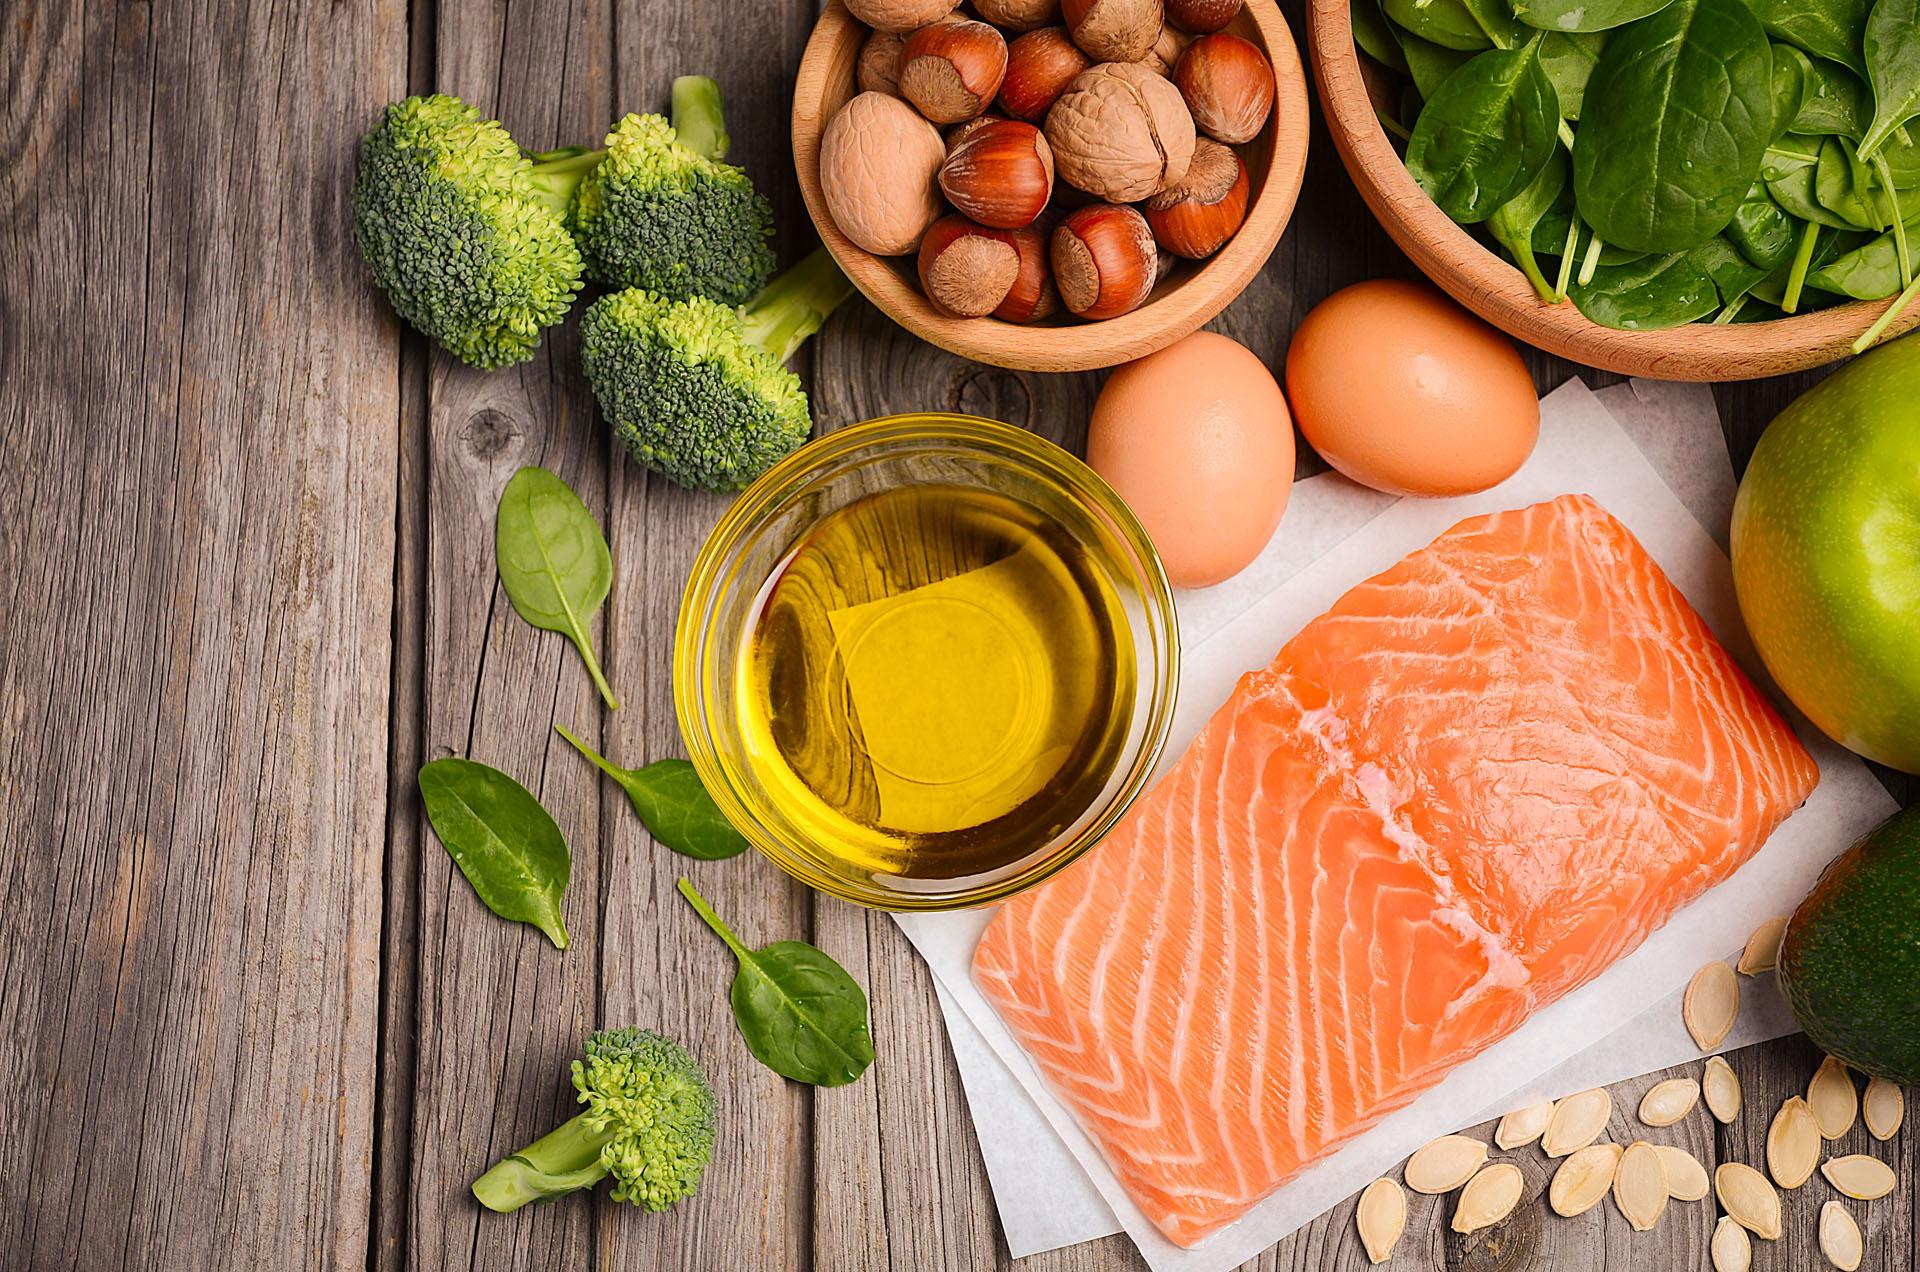 Loideal es incorporar los pescados en la dieta dos veces por semana para obtener una piel más radiante (Getty Images)